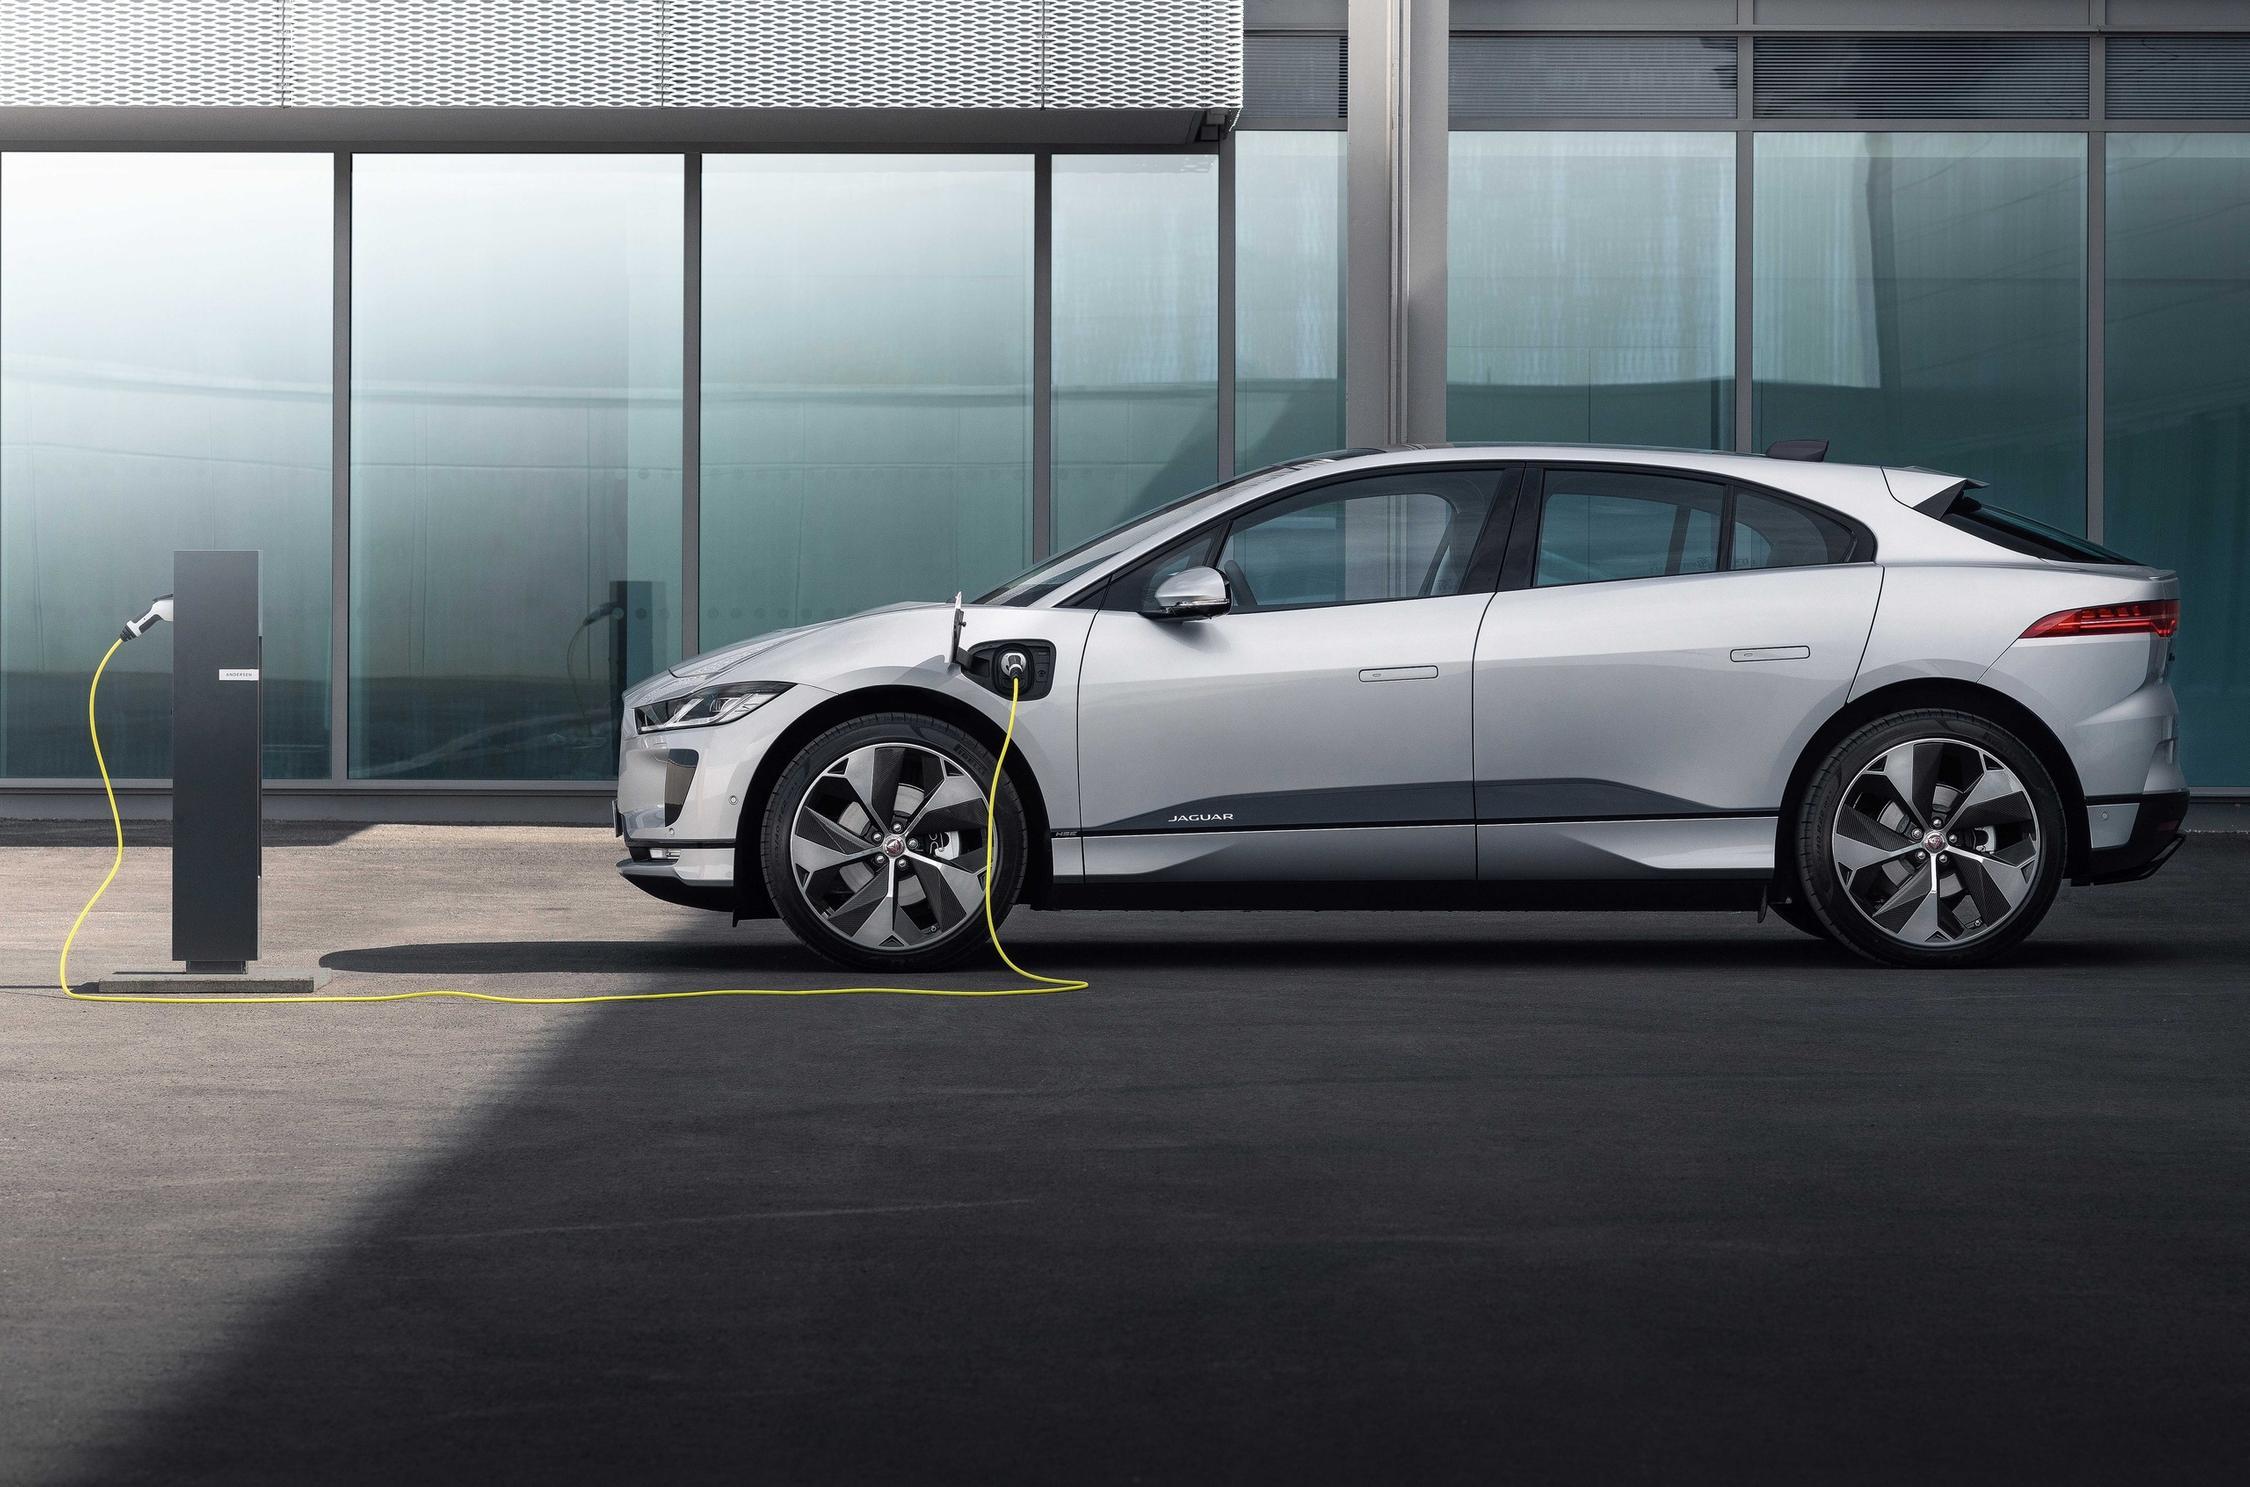 Фирма Jaguar Land Rover создаст кроссовер (или внедорожник), работающий на водороде. Проект с рабочим обозначением Project Zeus проспонсирован правительством Великобритании: оно вложило 73,5 млн. фунтов в программу по снижению уровня выбросов.